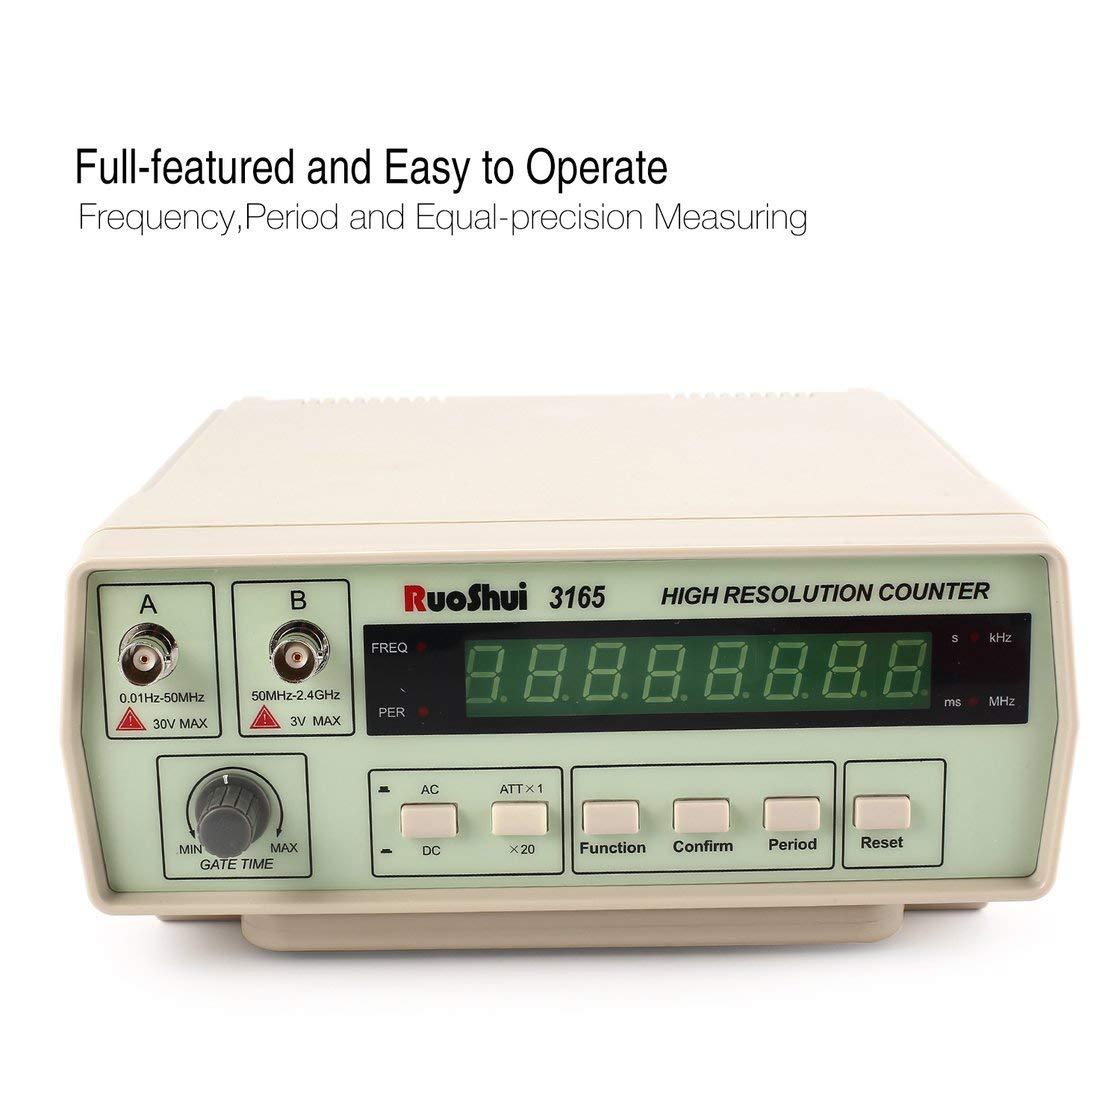 RuoShui 3165 compteur de fré quence radio de haute pré cision numé rique testant le compteur 0, 01Hz - testeur de compteur de fré quence 2, 4 GHz 01Hz - testeur de compteur de fréquence 2 Gwendoll